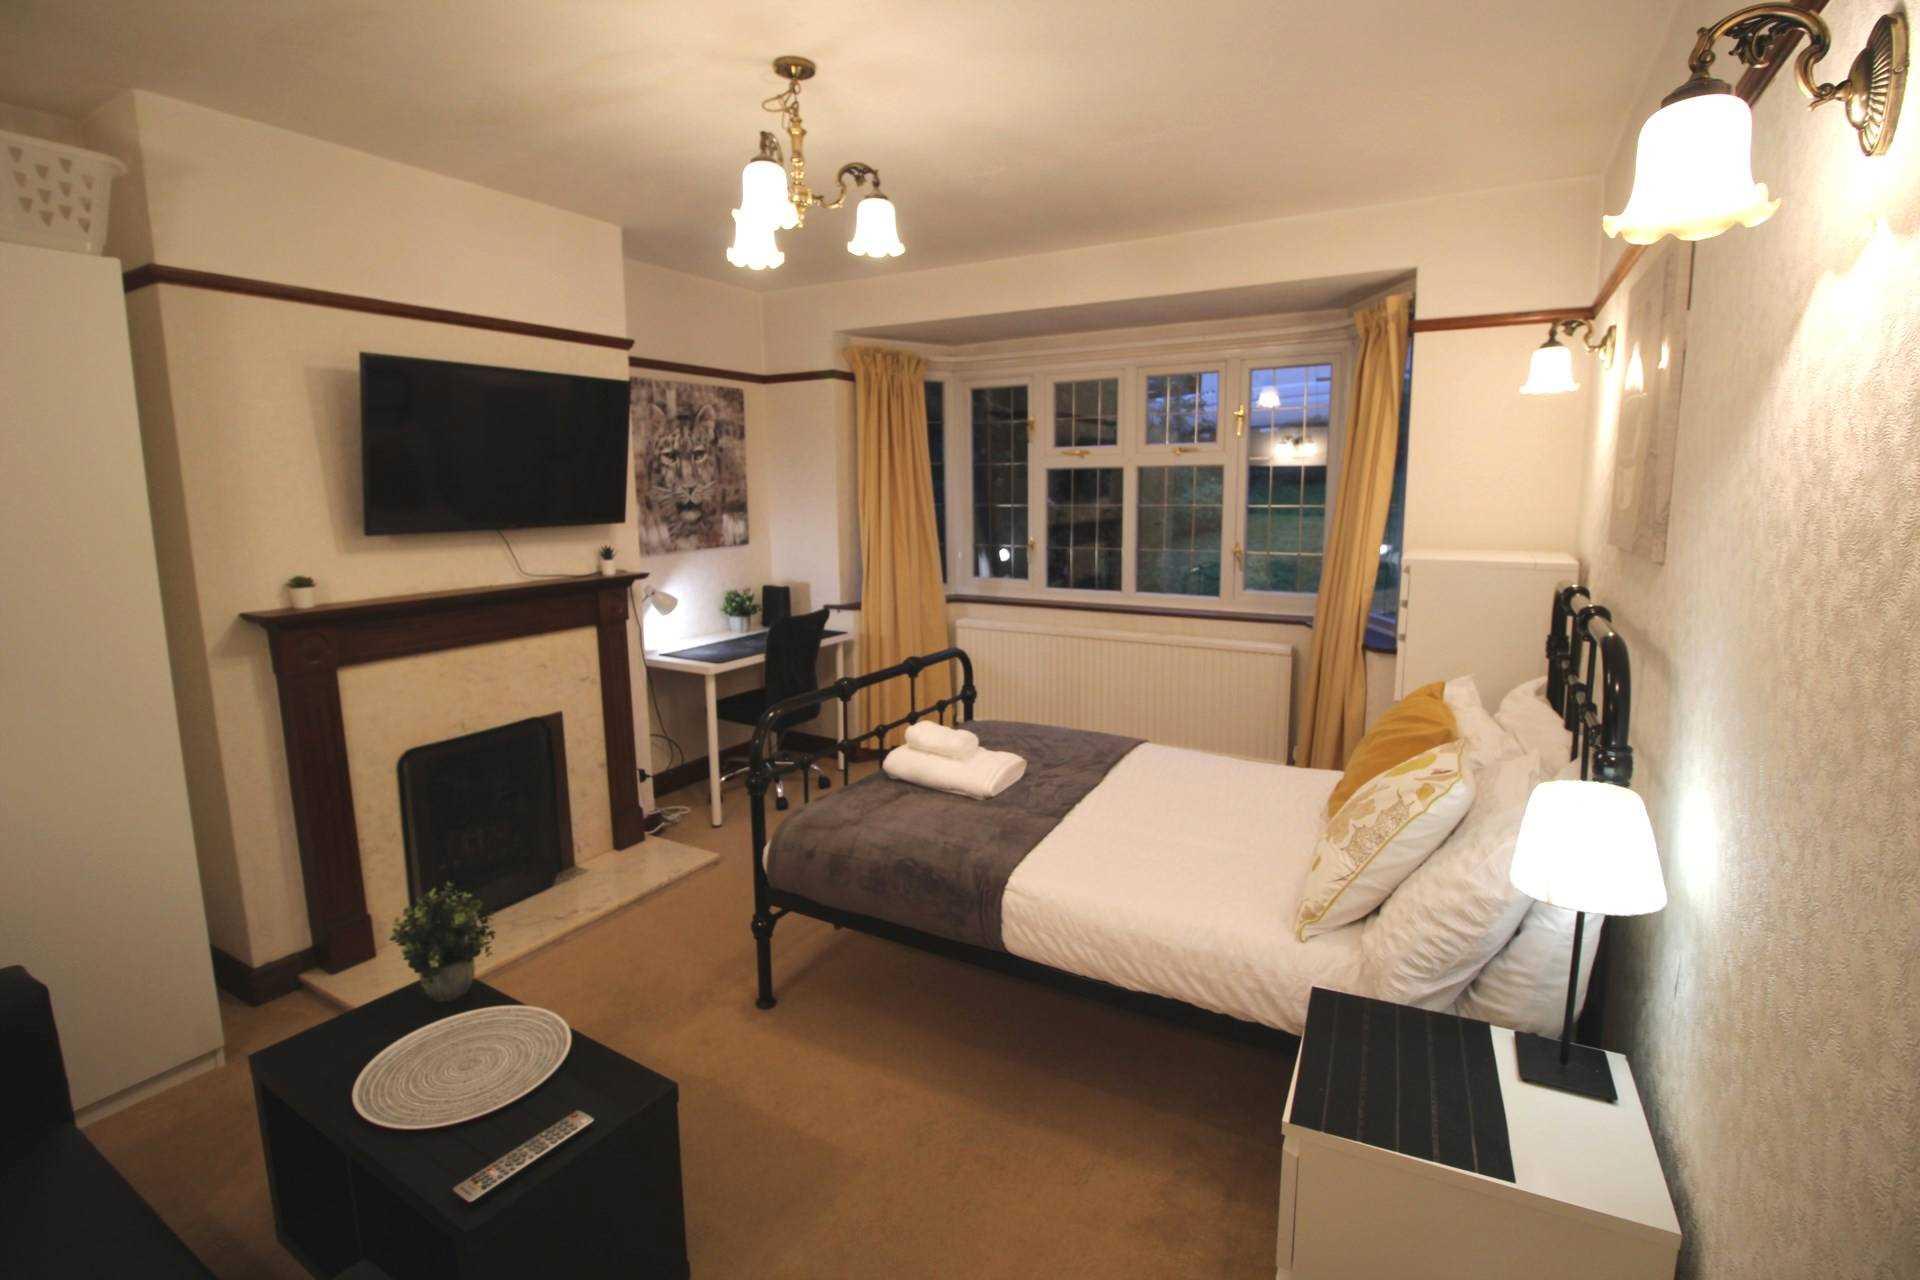 Room 1, Pewley Way, Guildford, GU1 3PX, Image 3